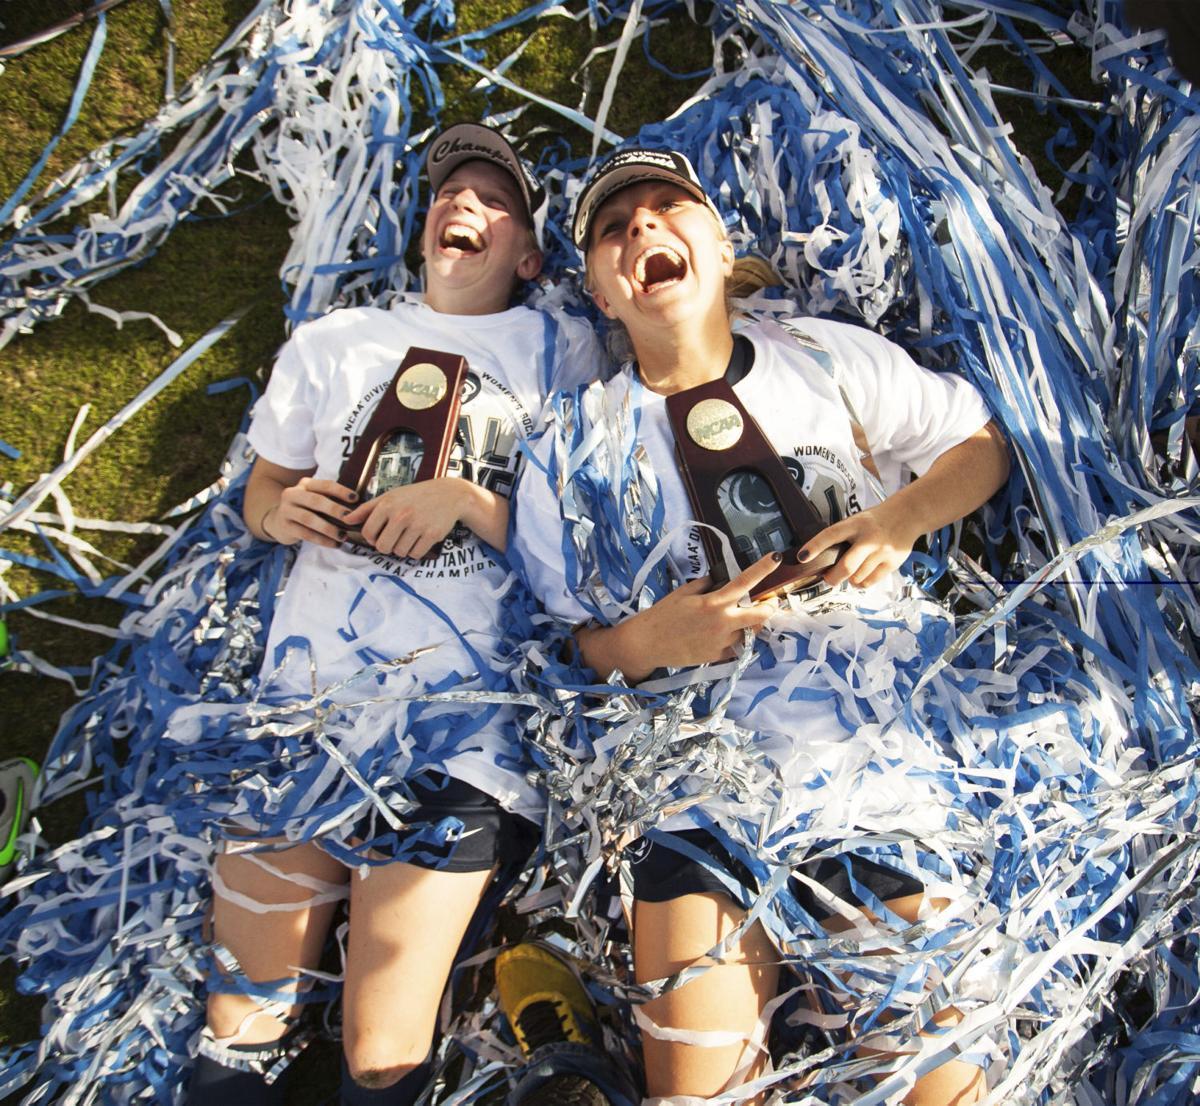 APTOPIX Duke Penn St Soccer Championship